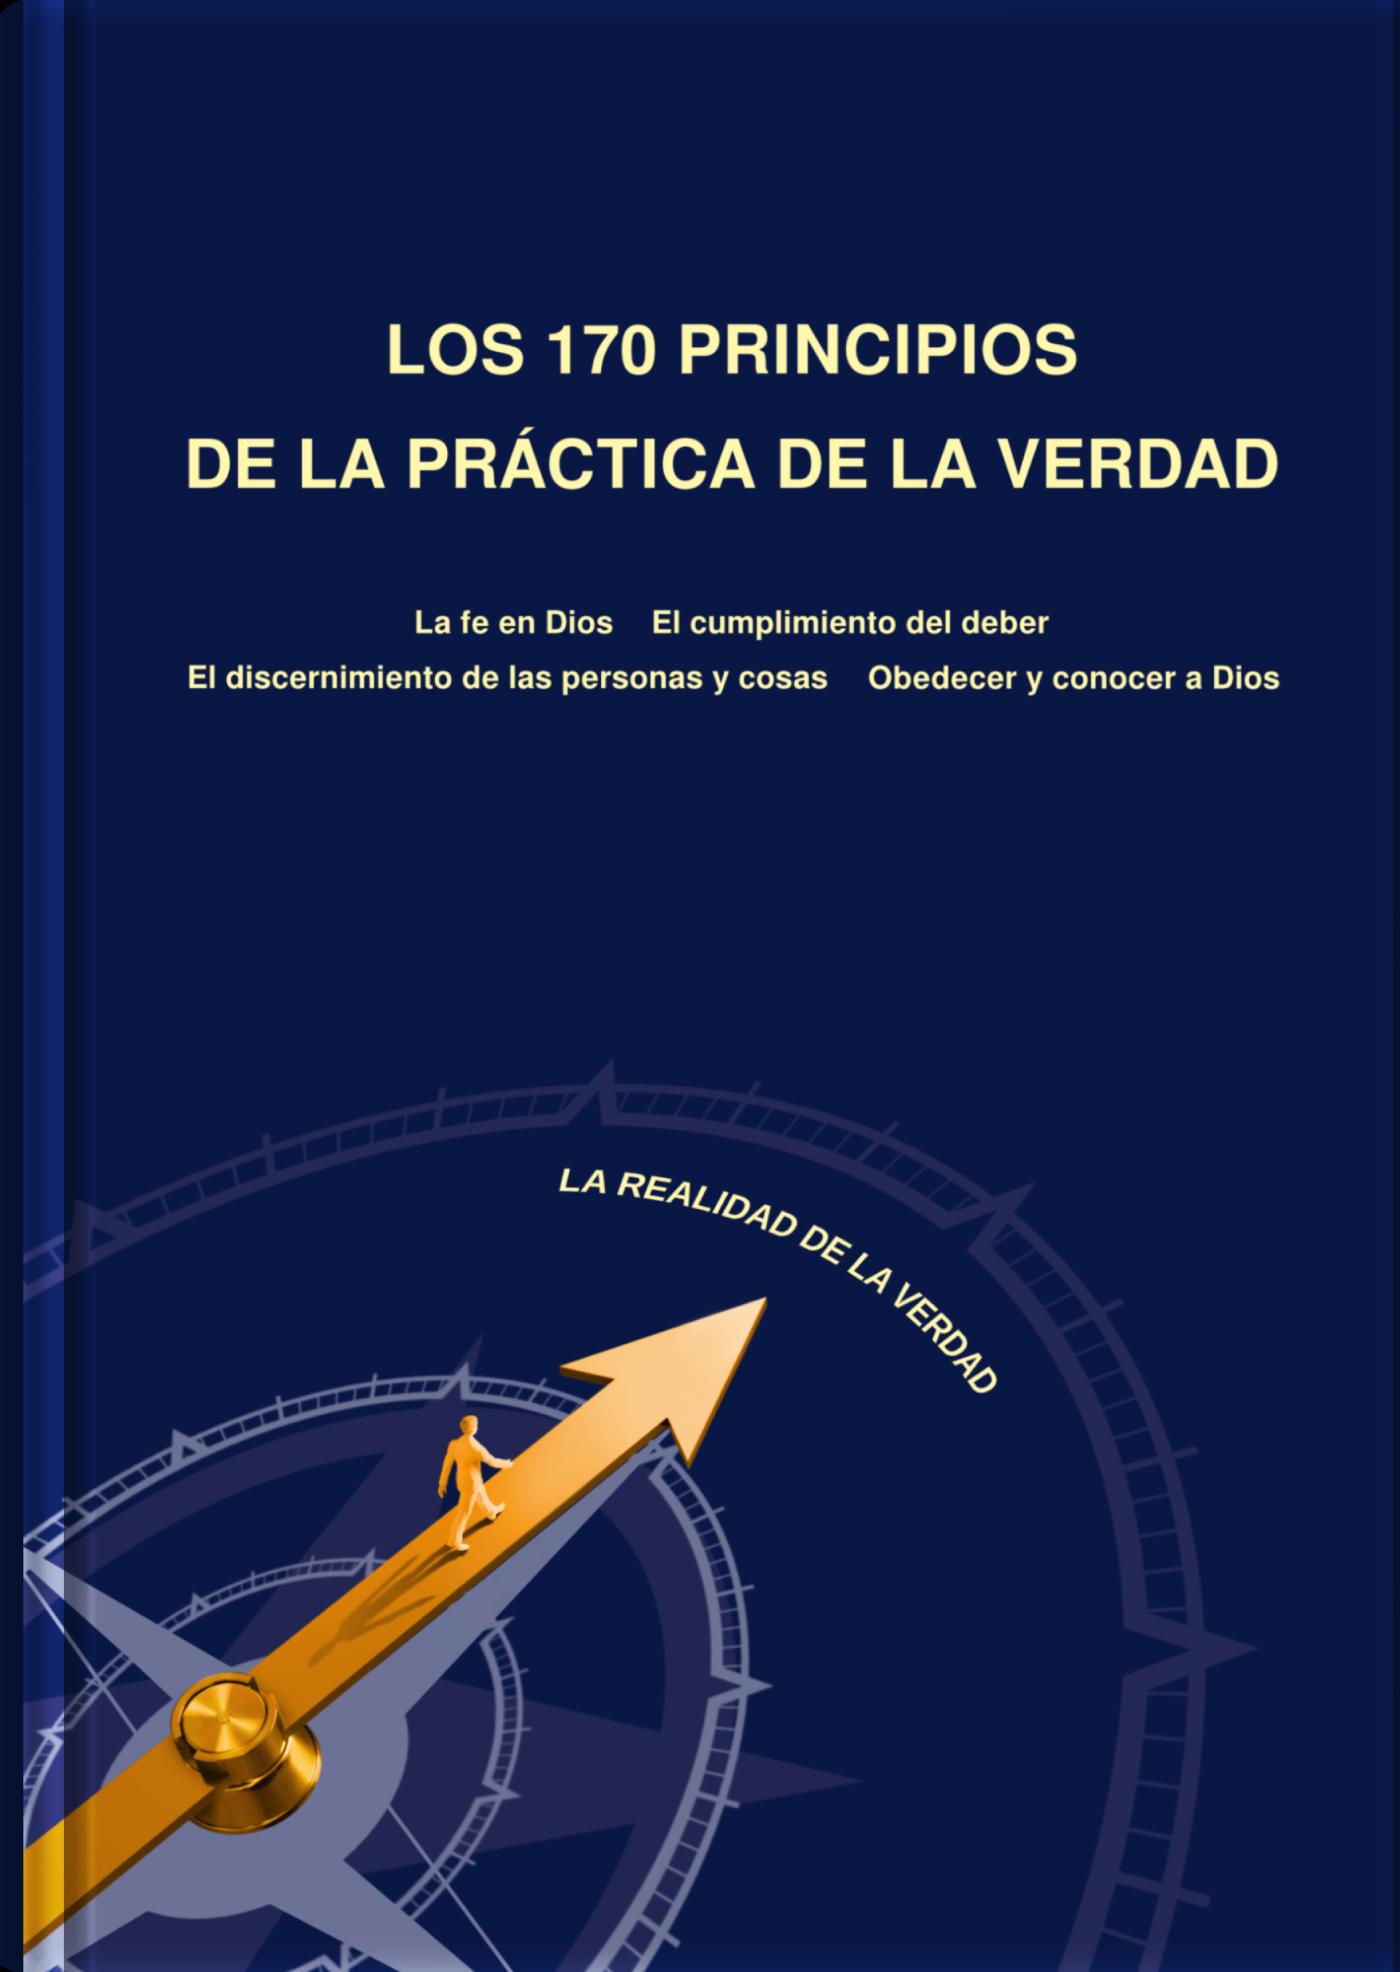 Práctica y ejercicios para el comportamiento con principios